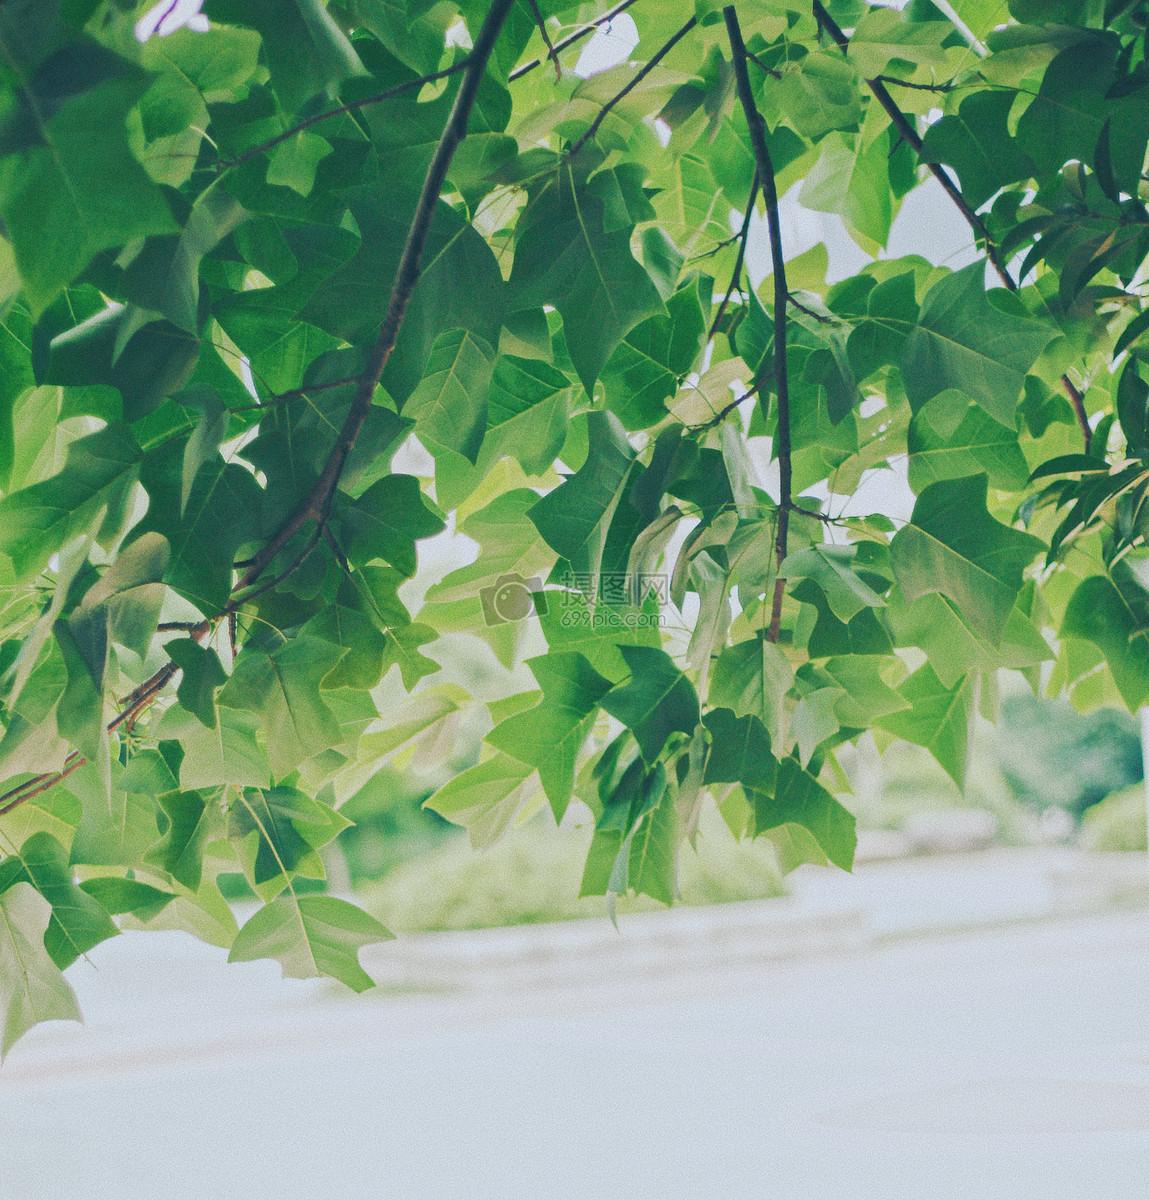 唯美图片 自然风景 夏天,除了满眼的绿色,还有缤纷的色彩jpg  分享